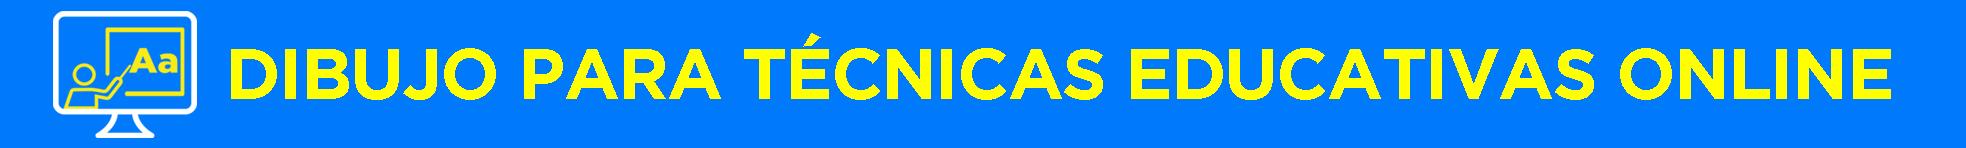 Banner título Educación Online